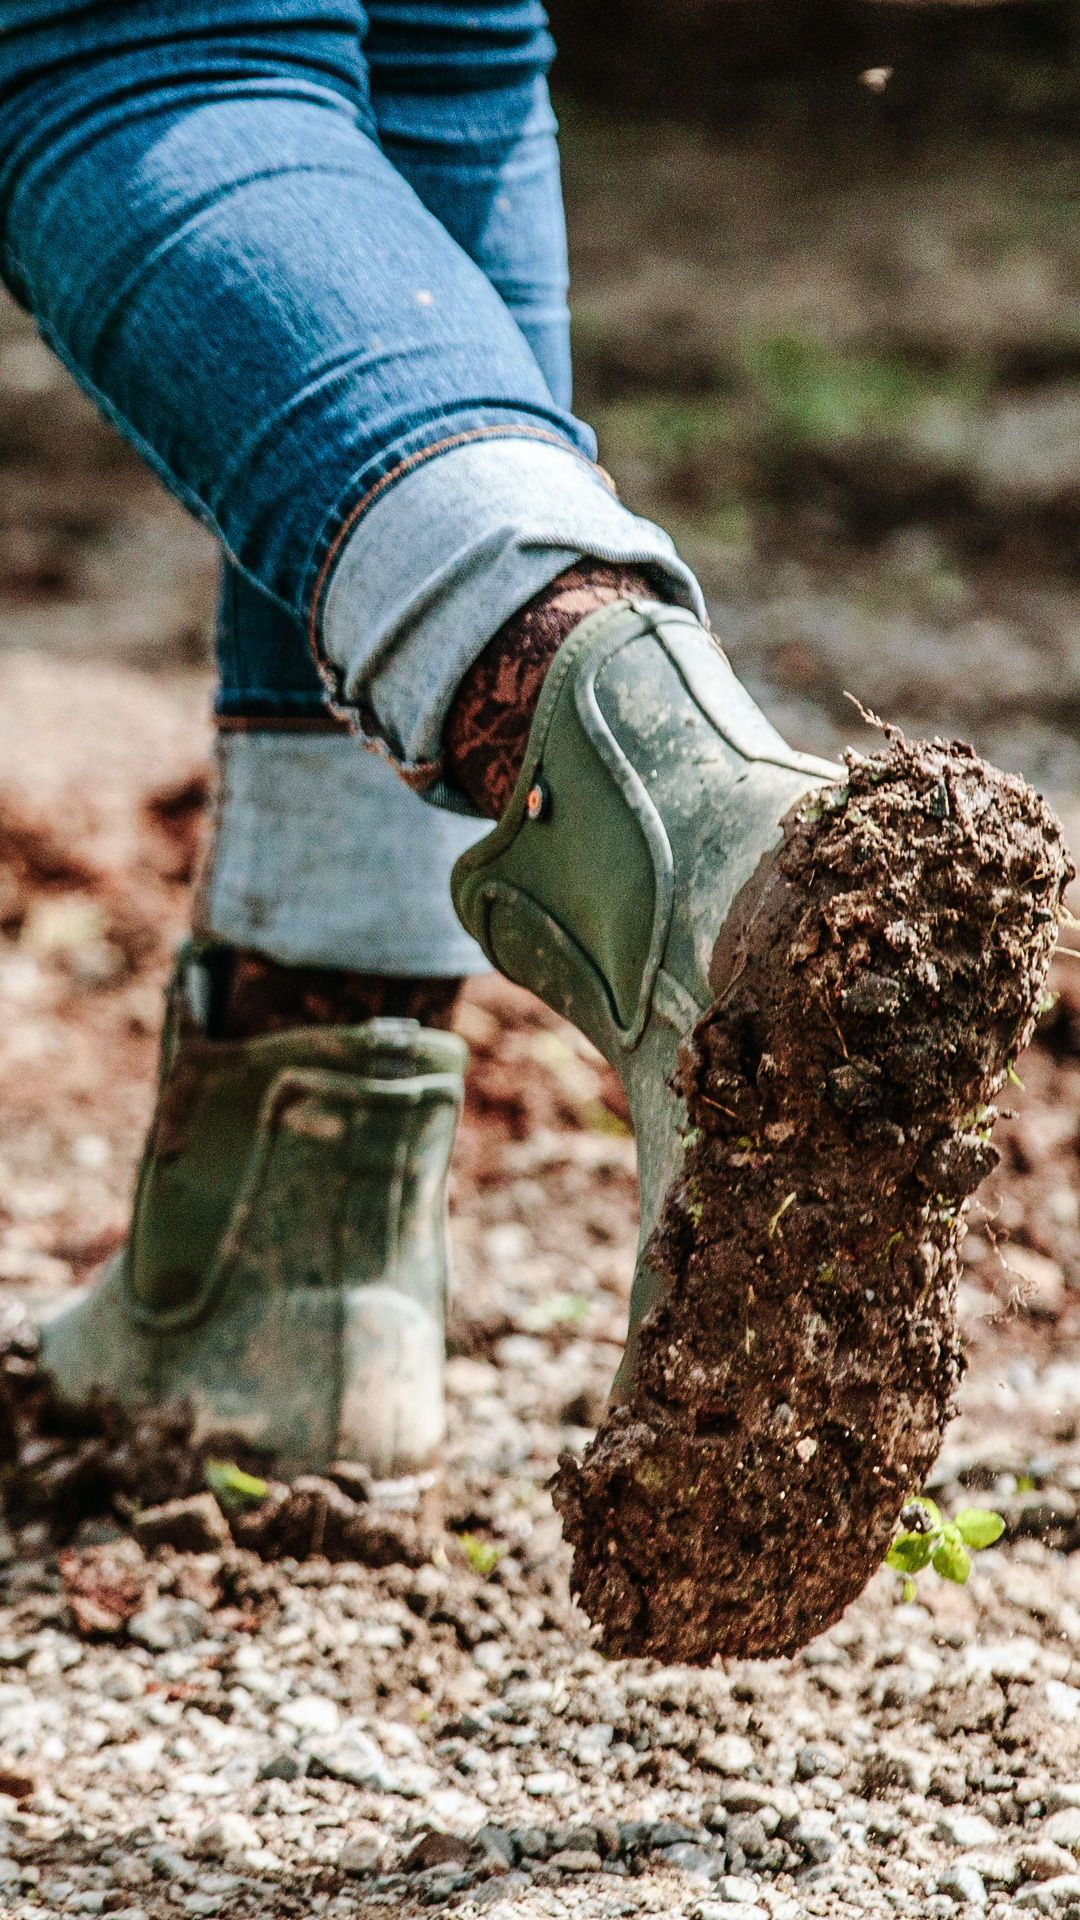 Amanda Plush Slip On In 2020 Gardening Shoes Gardening Outfit